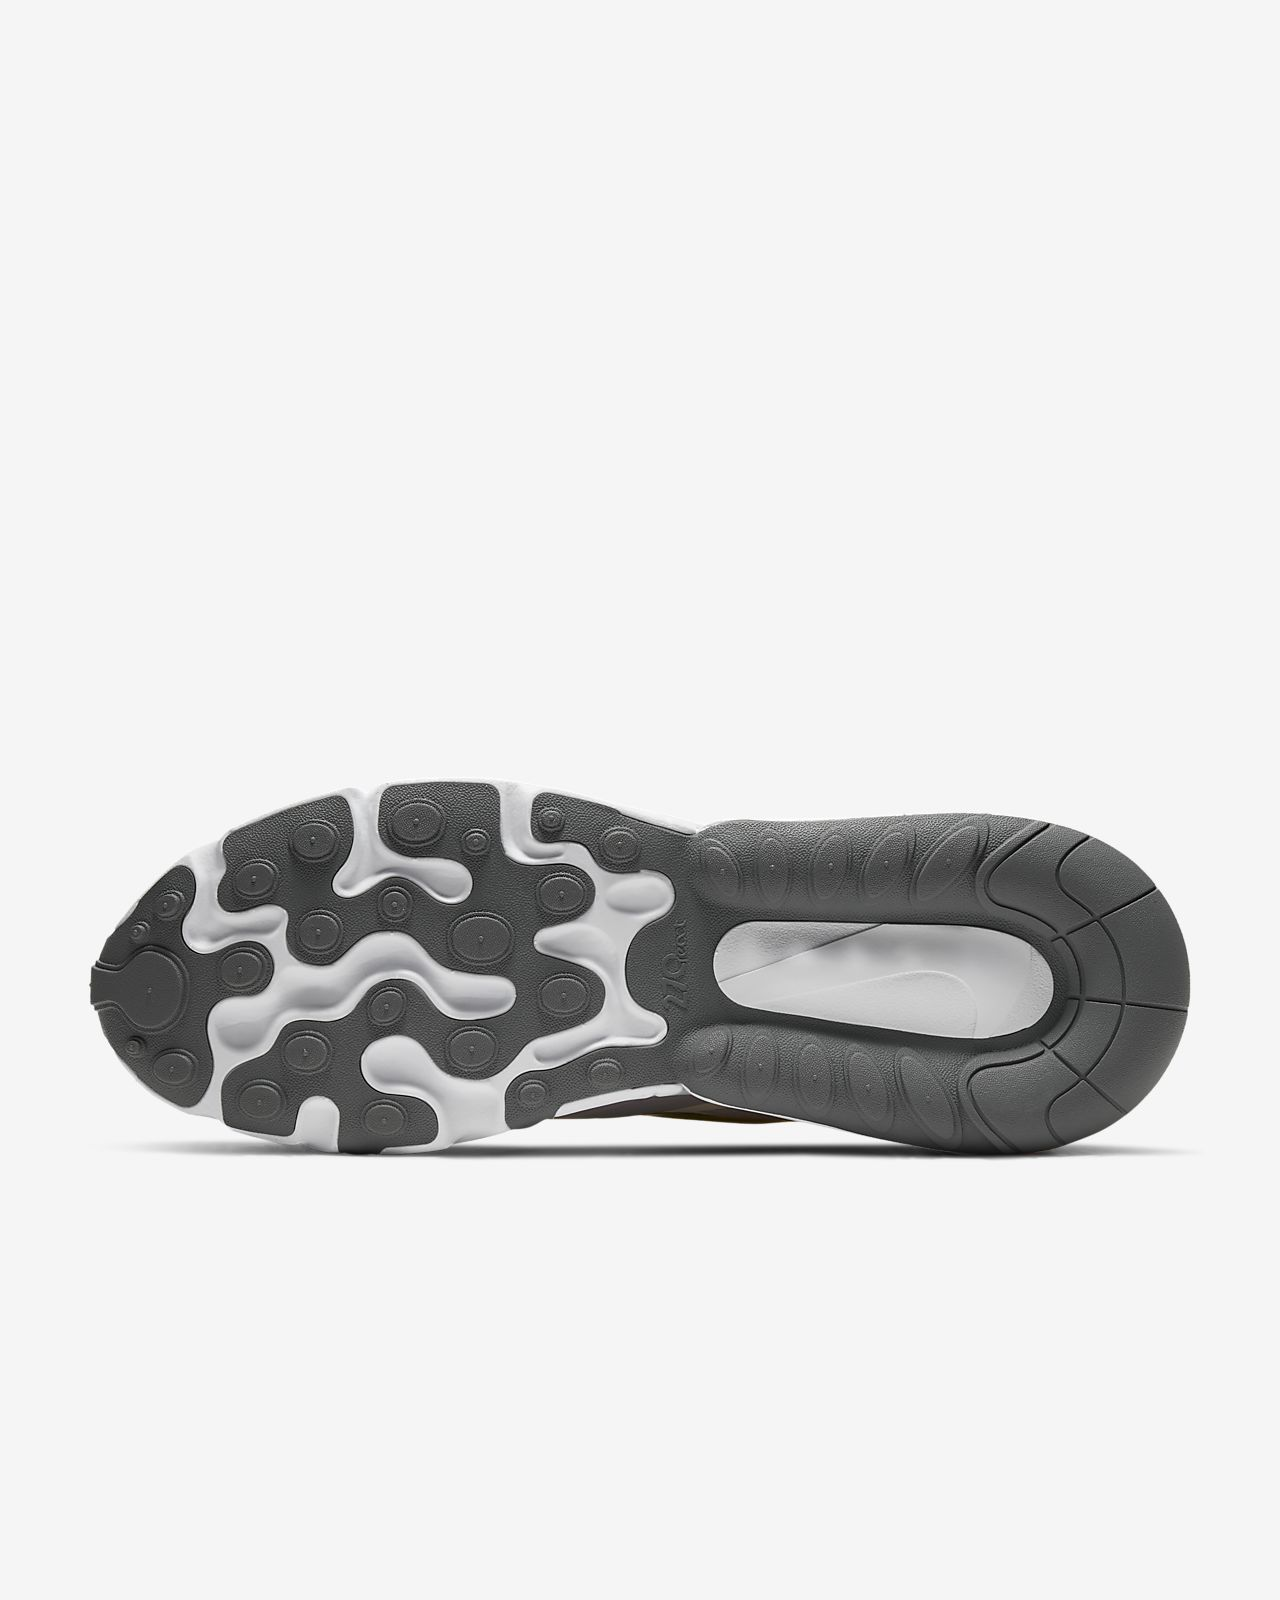 Nike Air Max 270 SE Men's Shoe